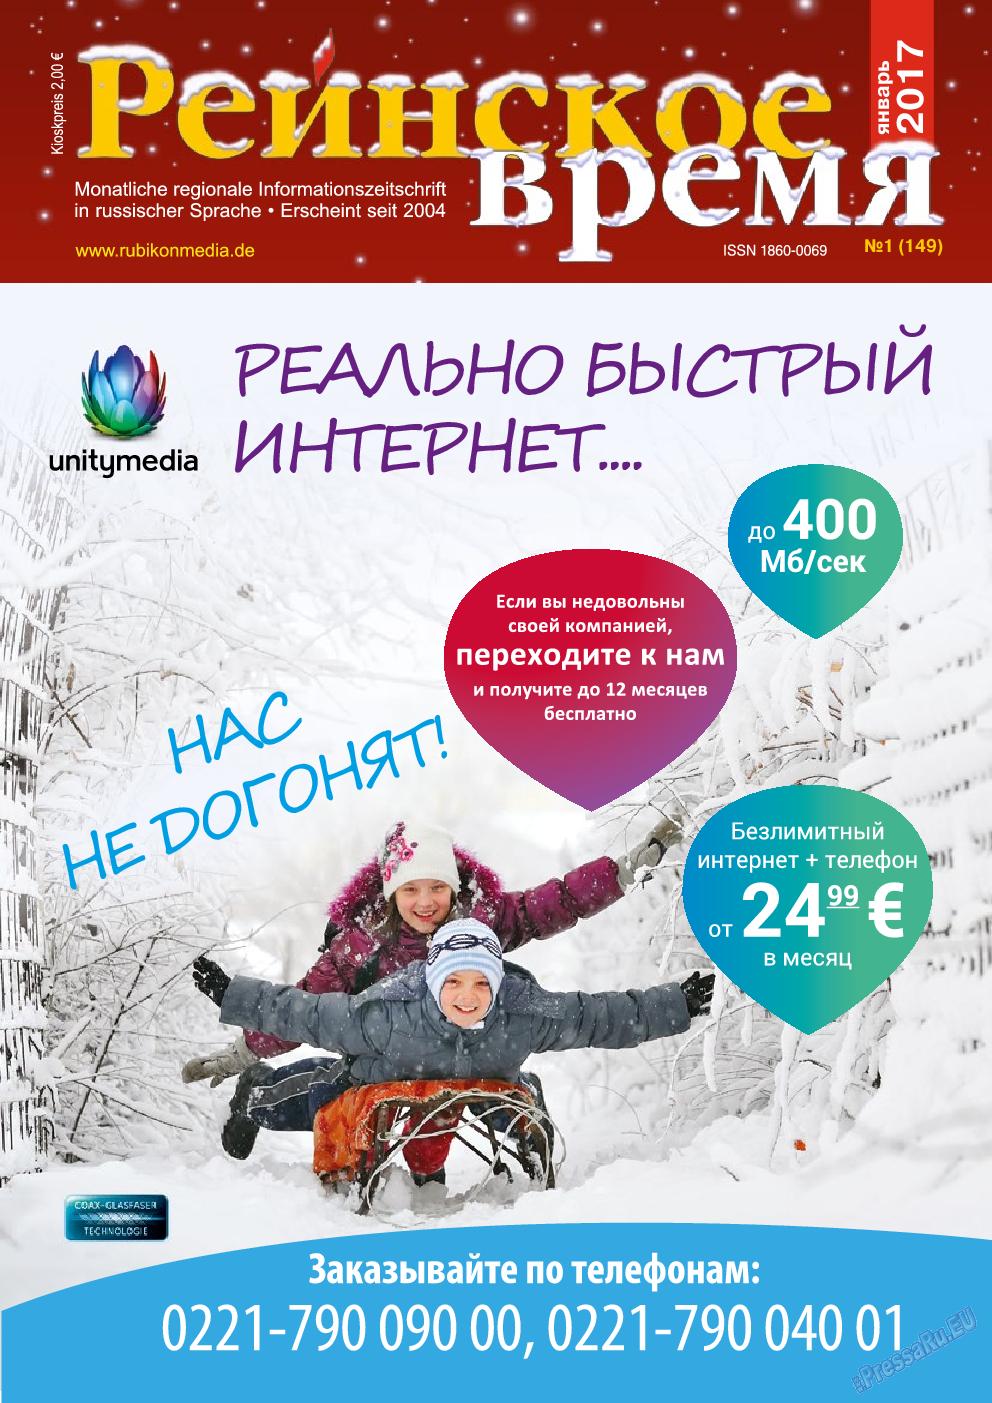 Рейнское время (журнал). 2017 год, номер 1, стр. 1